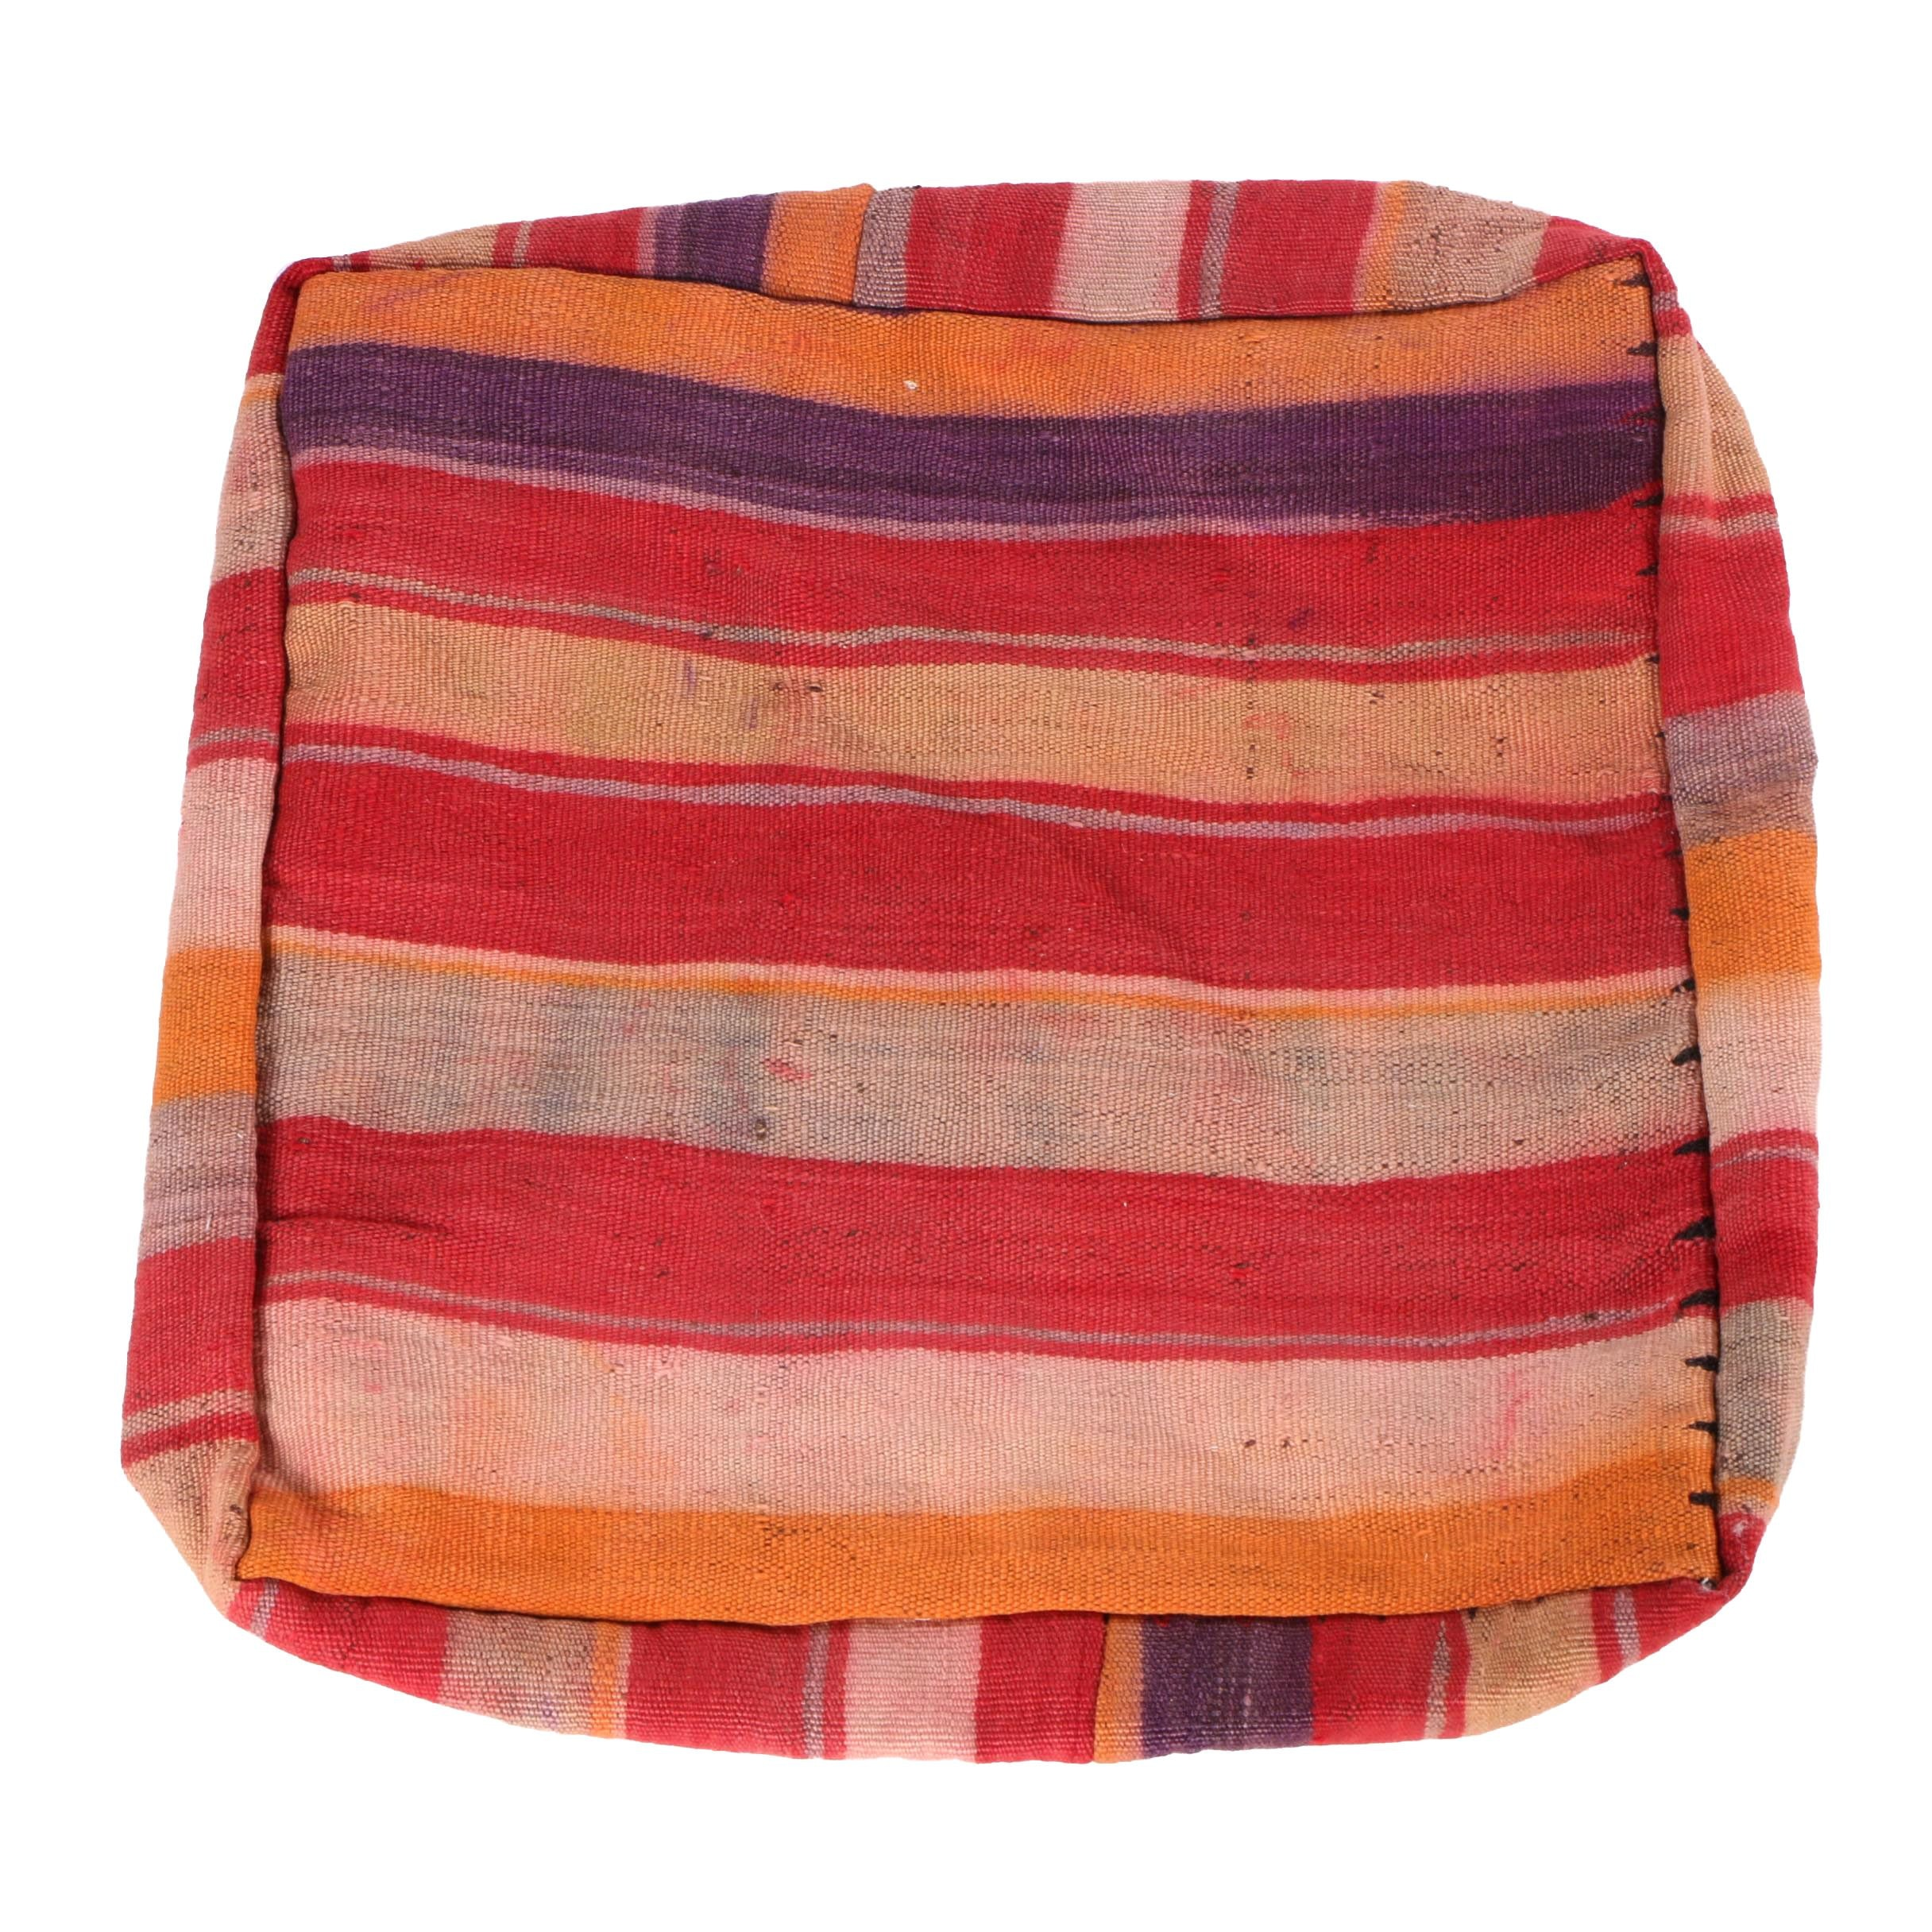 Handwoven Moroccan Beni Mellal Berber Wool Rug Pillow Cover